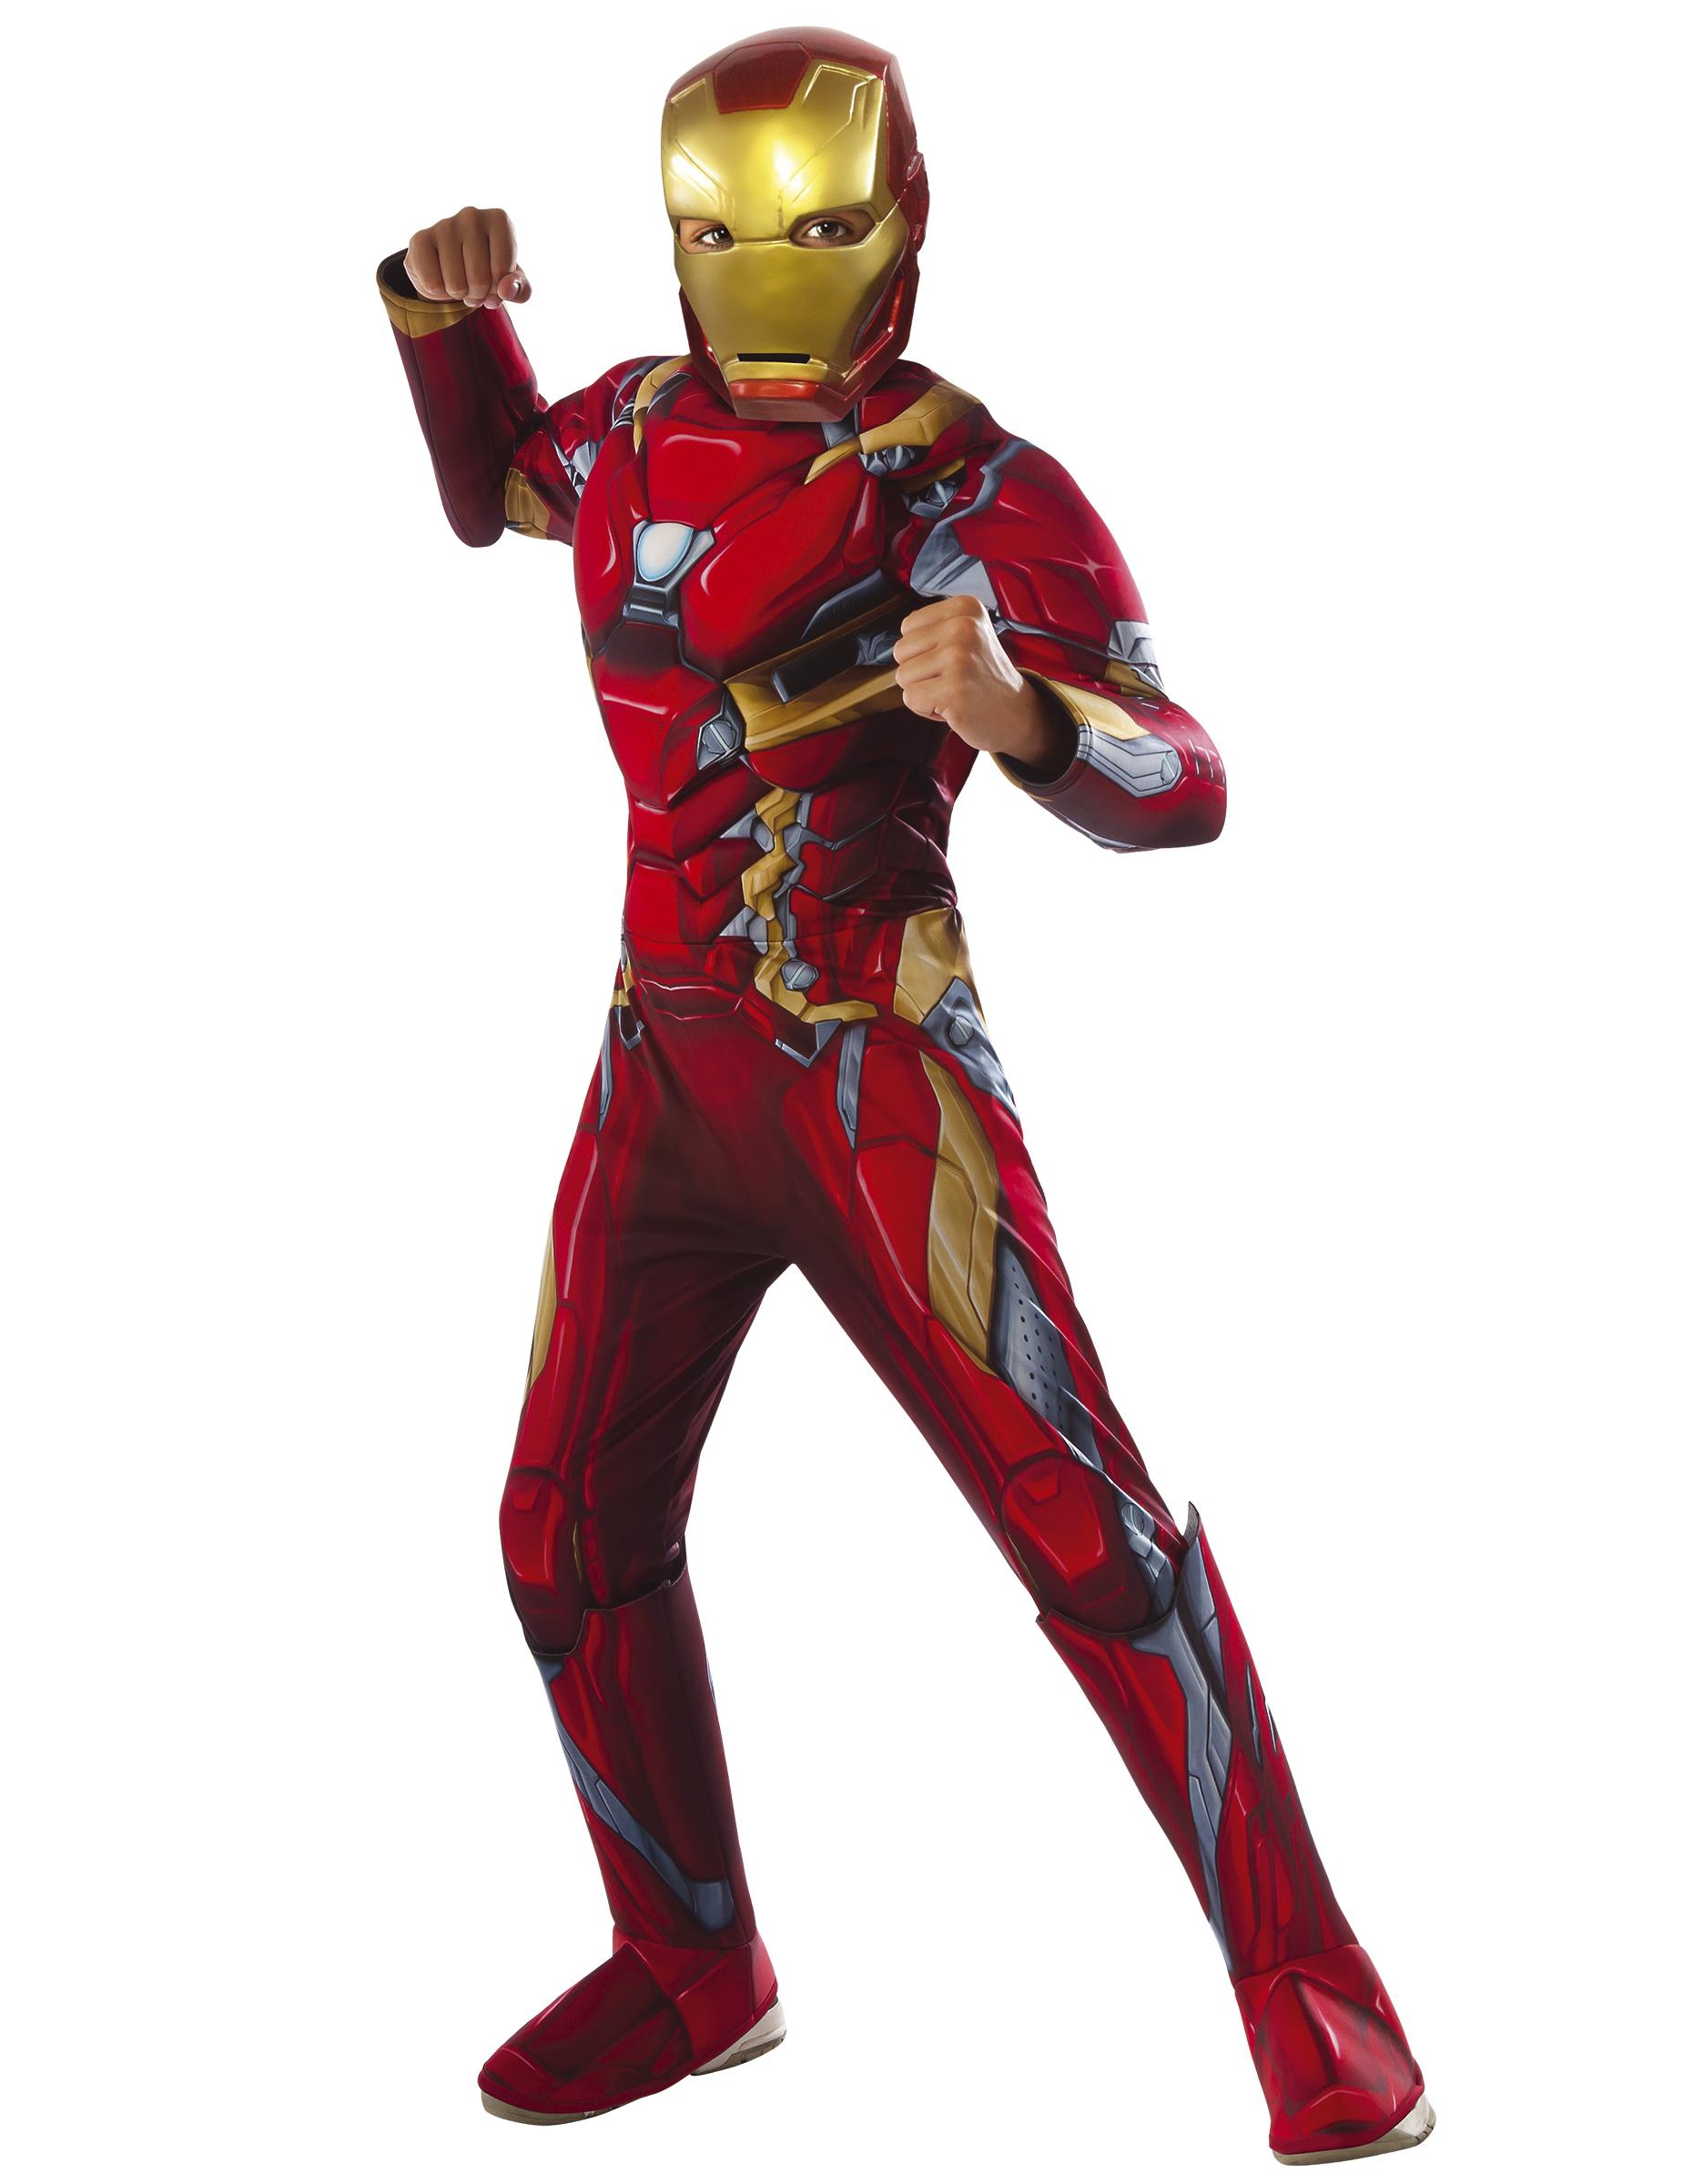 autentico all'ingrosso online ineguagliabile nelle prestazioni Costume lusso Iron Man™ Civil War bambino - Avengers™